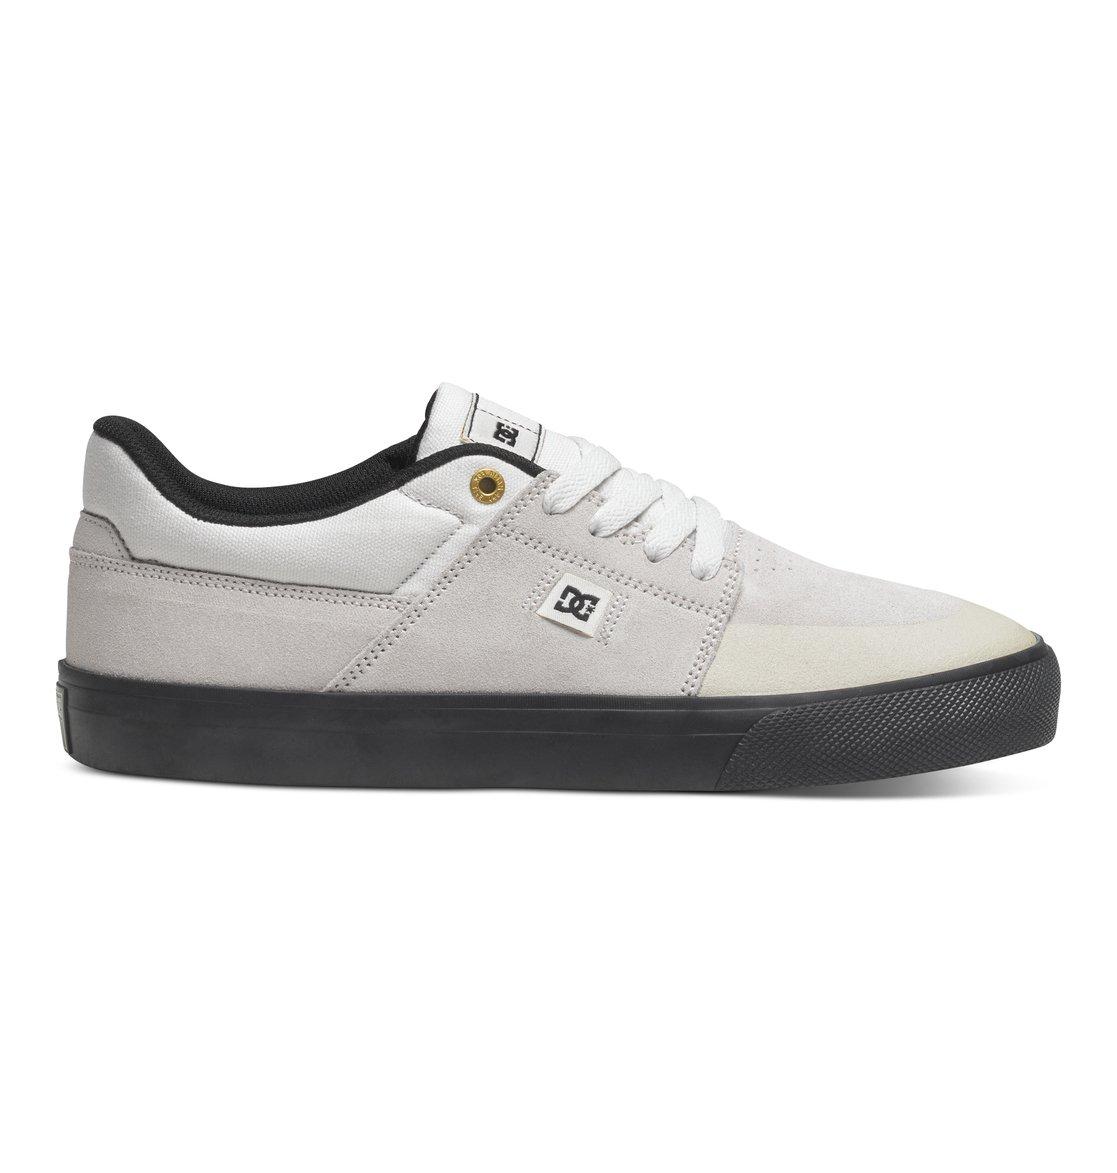 dc shoes Wes Kremer 2 S - Scarpe da skate da Uomo - Black - DC Shoes